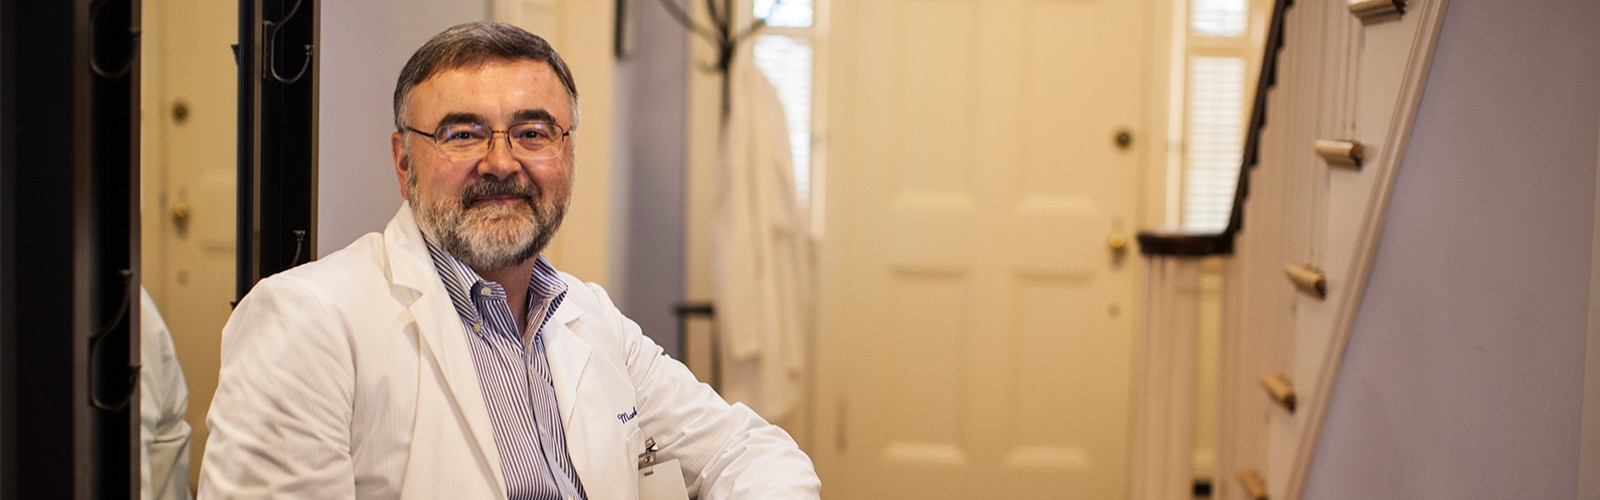 Concierge Medicine Doctor Mark Costa, Dover & Hingham MA